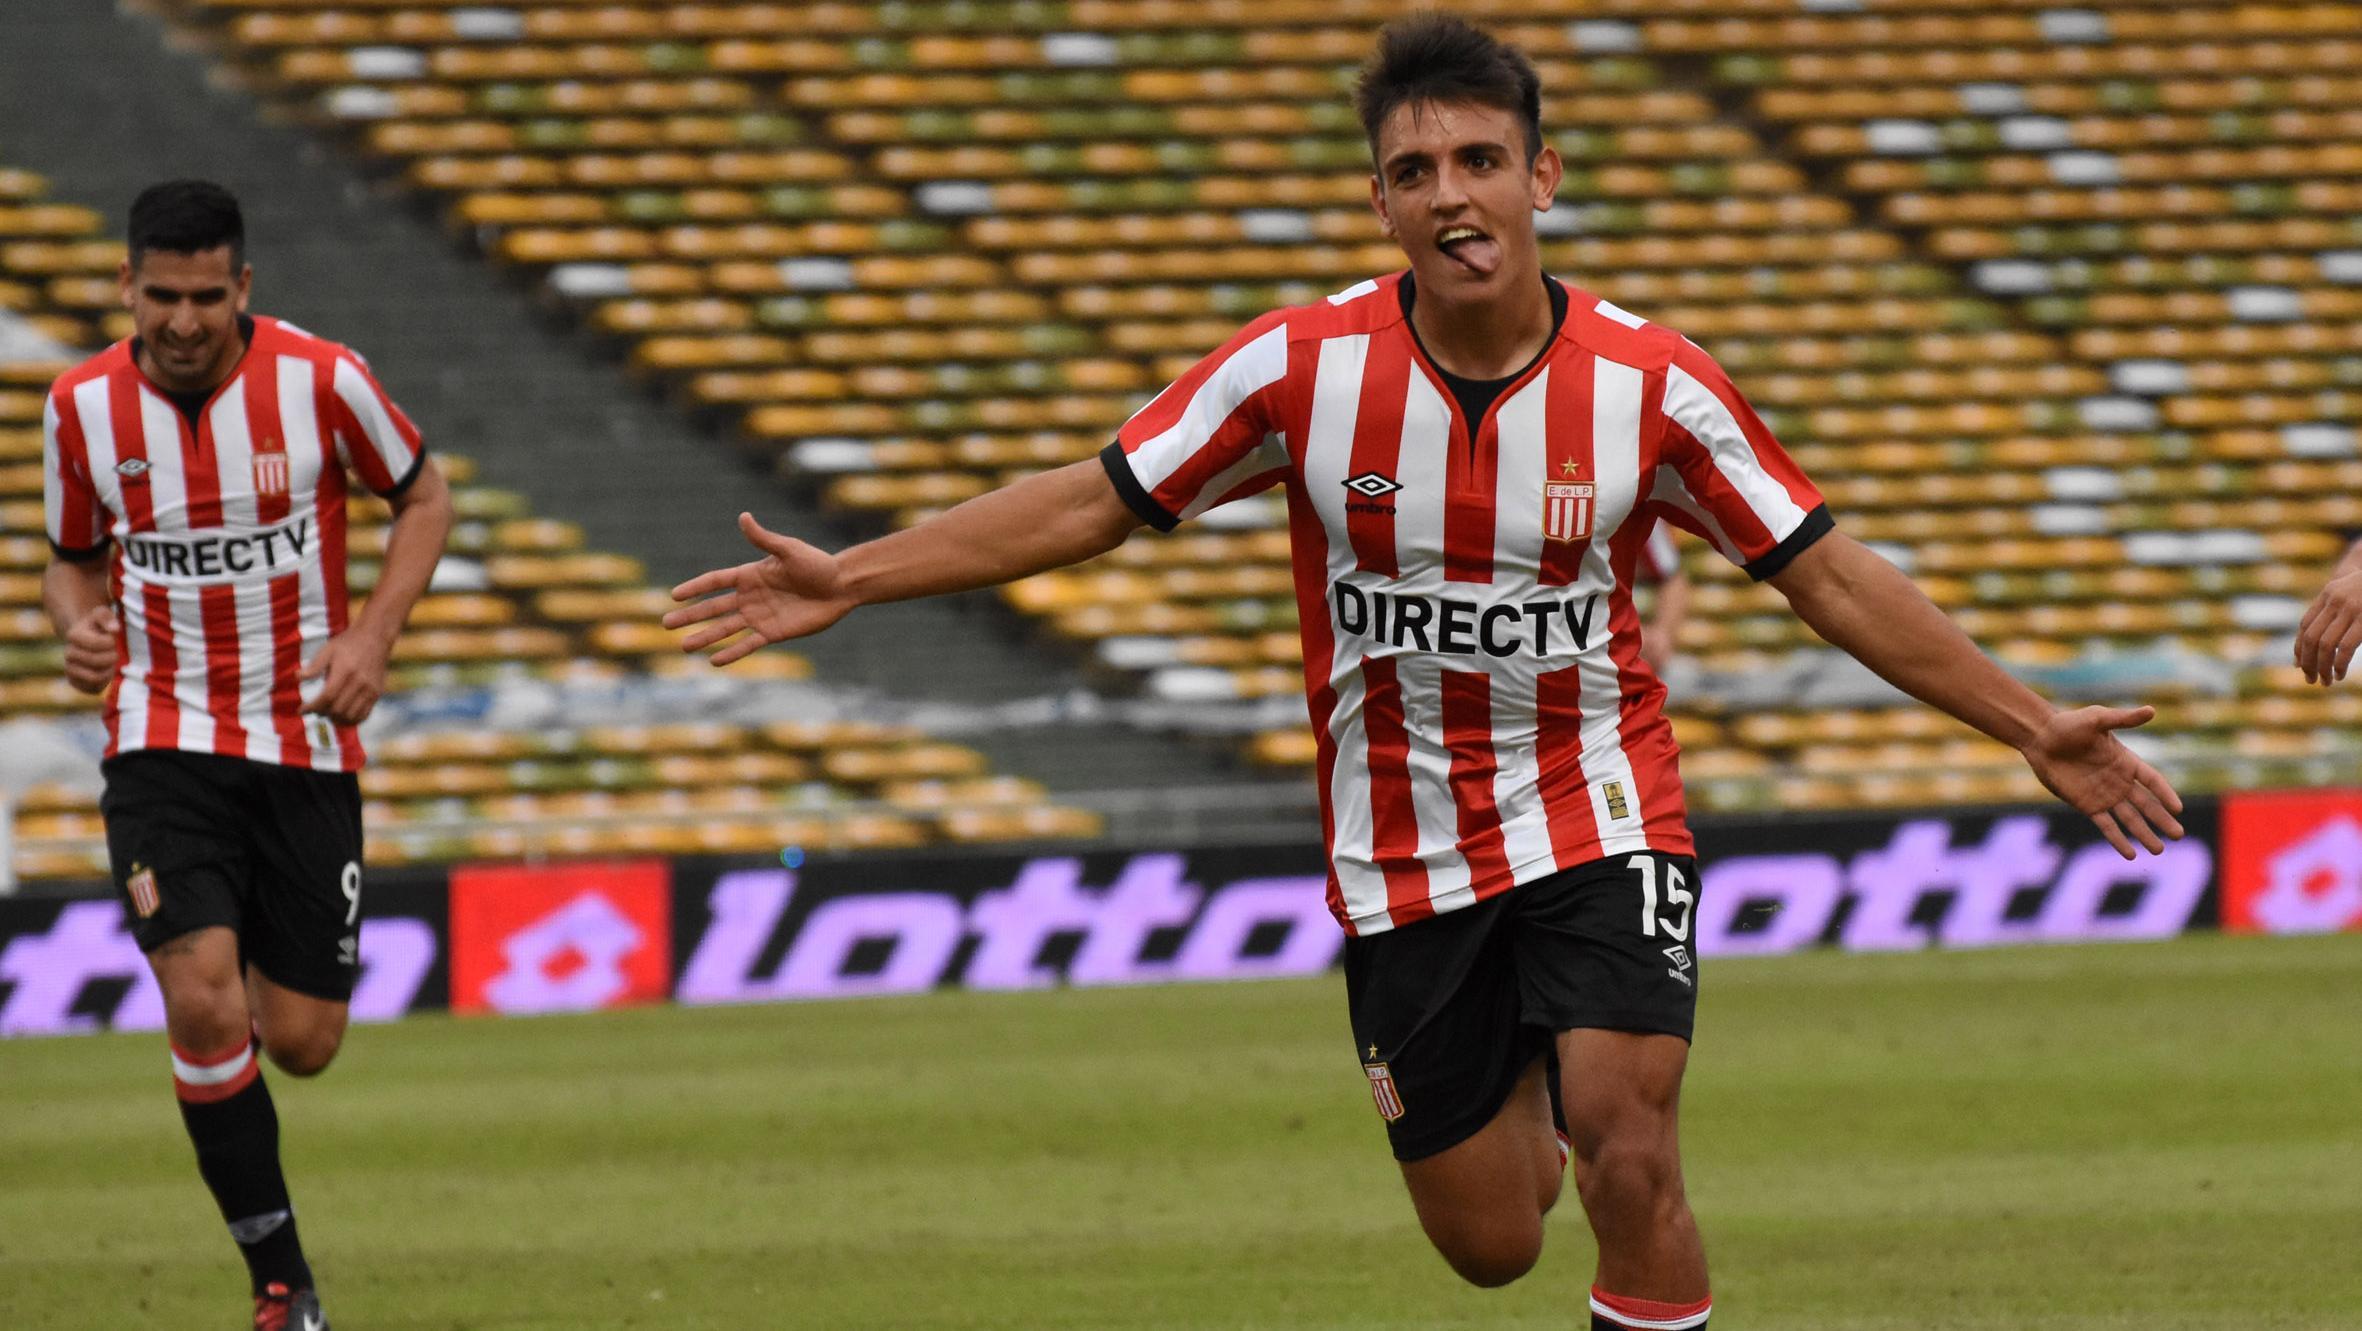 Cavallaro marcó el único gol del partido. (Foto: Télam)